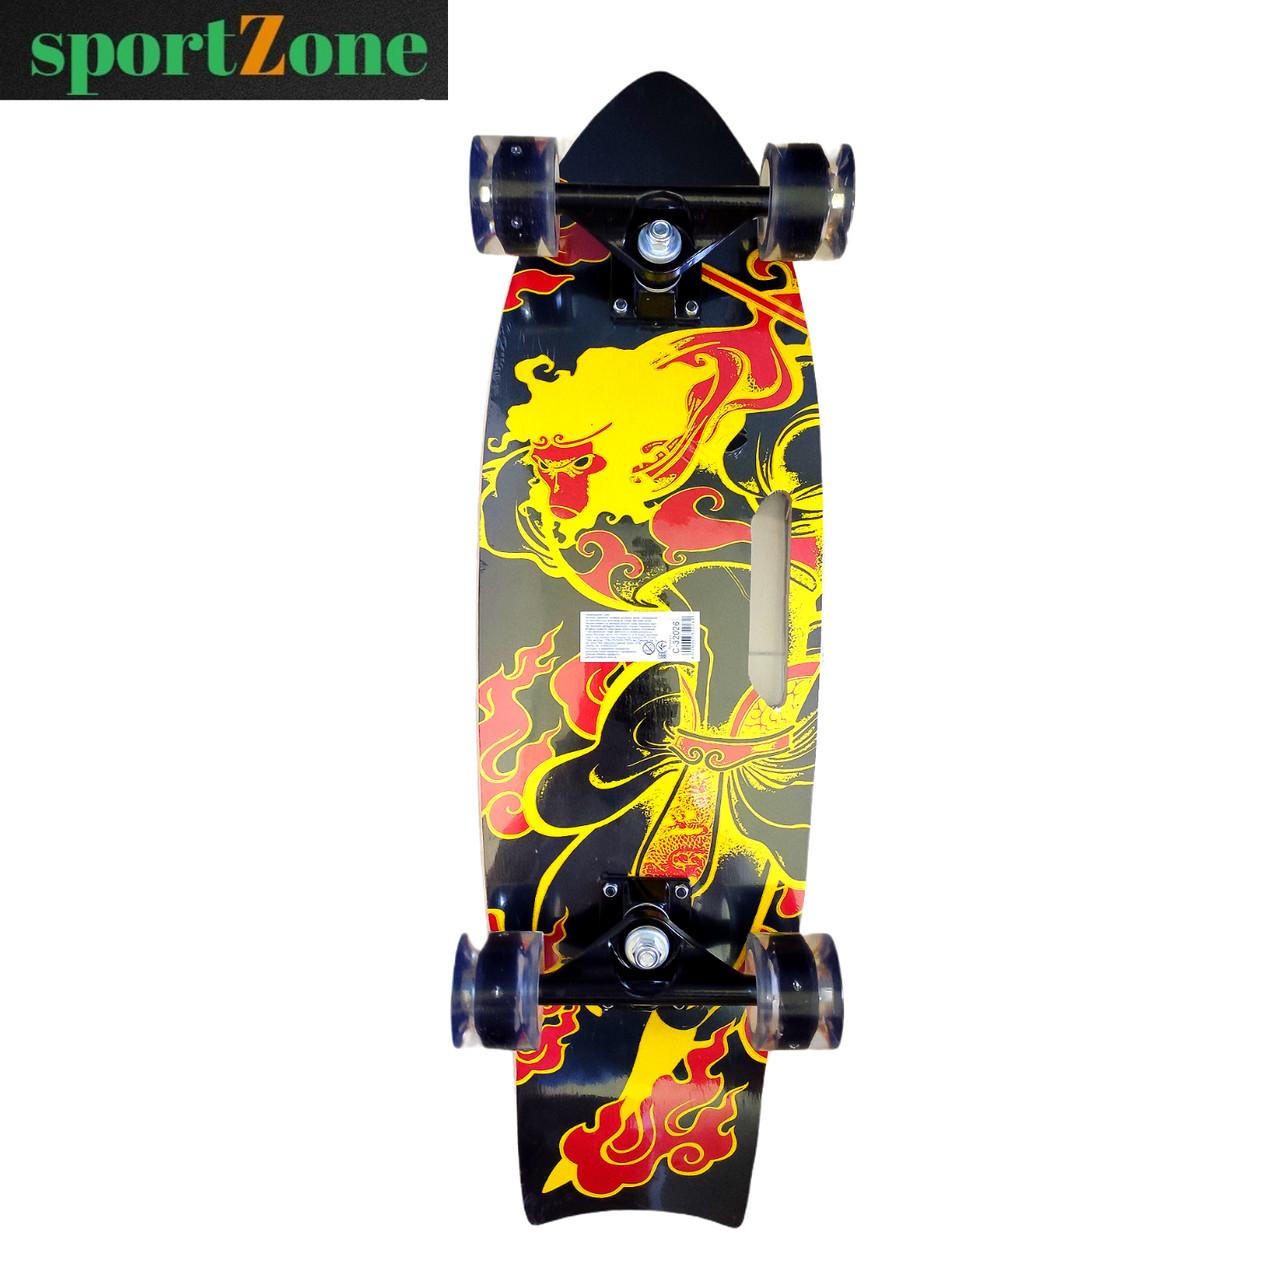 Скейт (скейтборд) 32026, подшипник АВЕС-9, колёса светящиеся PU, d=6 см, дека с ручкой